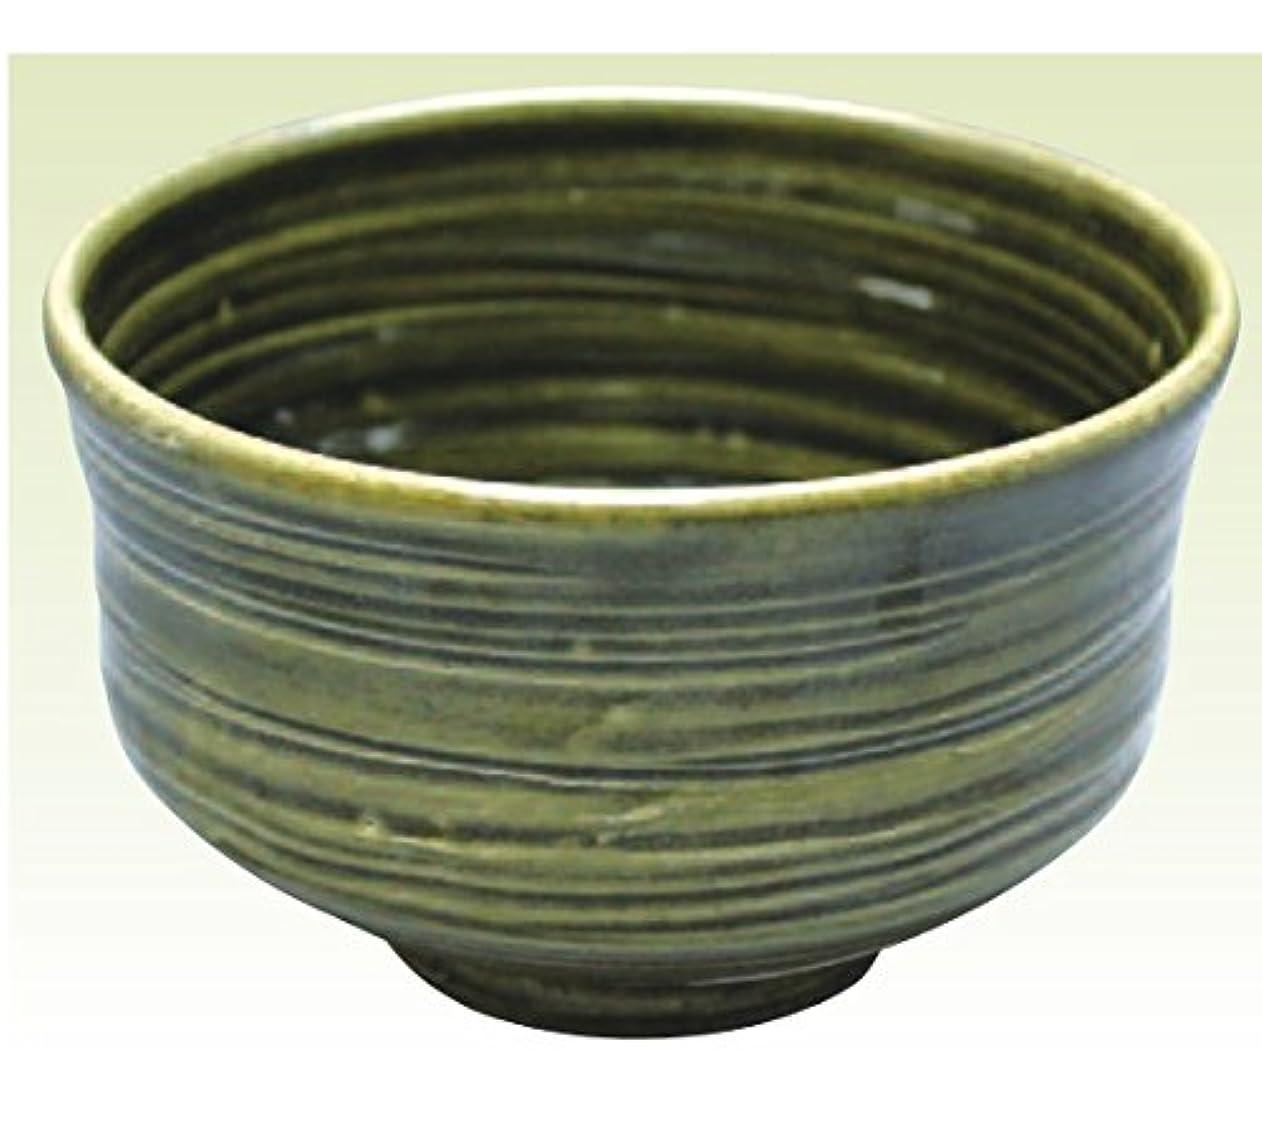 常滑焼 焜清作 抹茶茶碗織部径13×高さ8cm